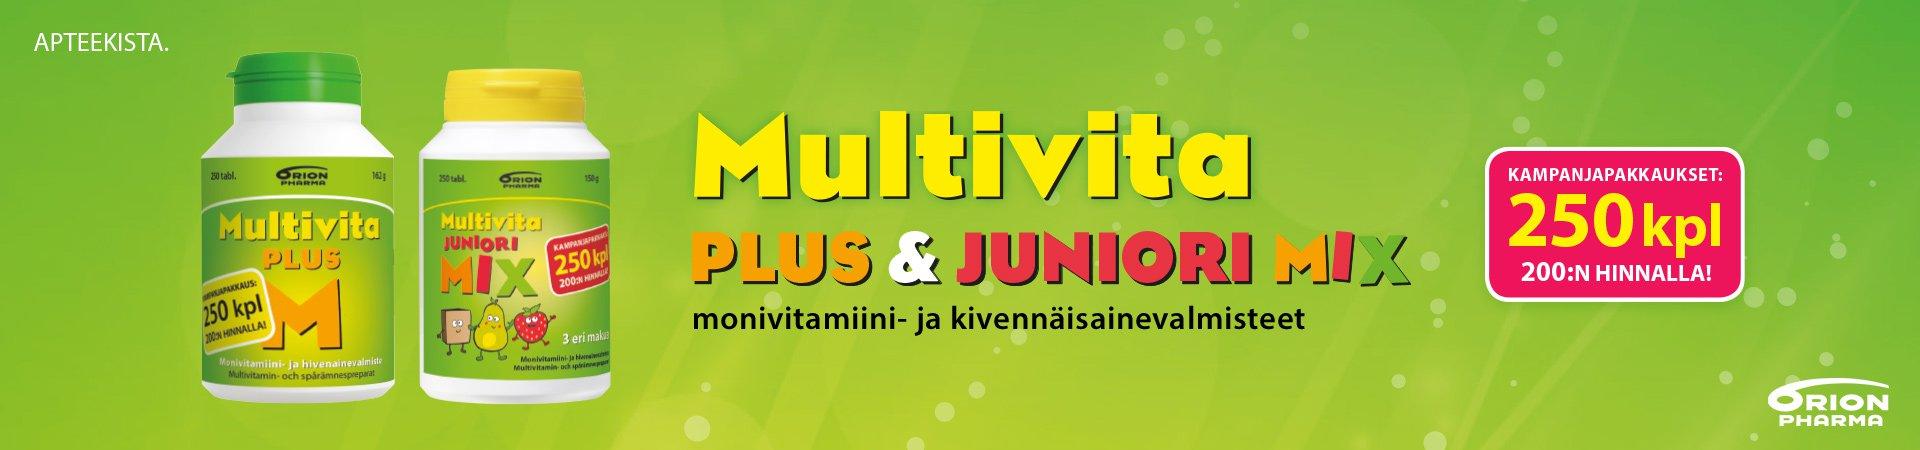 Multivita kampanjapakkaus